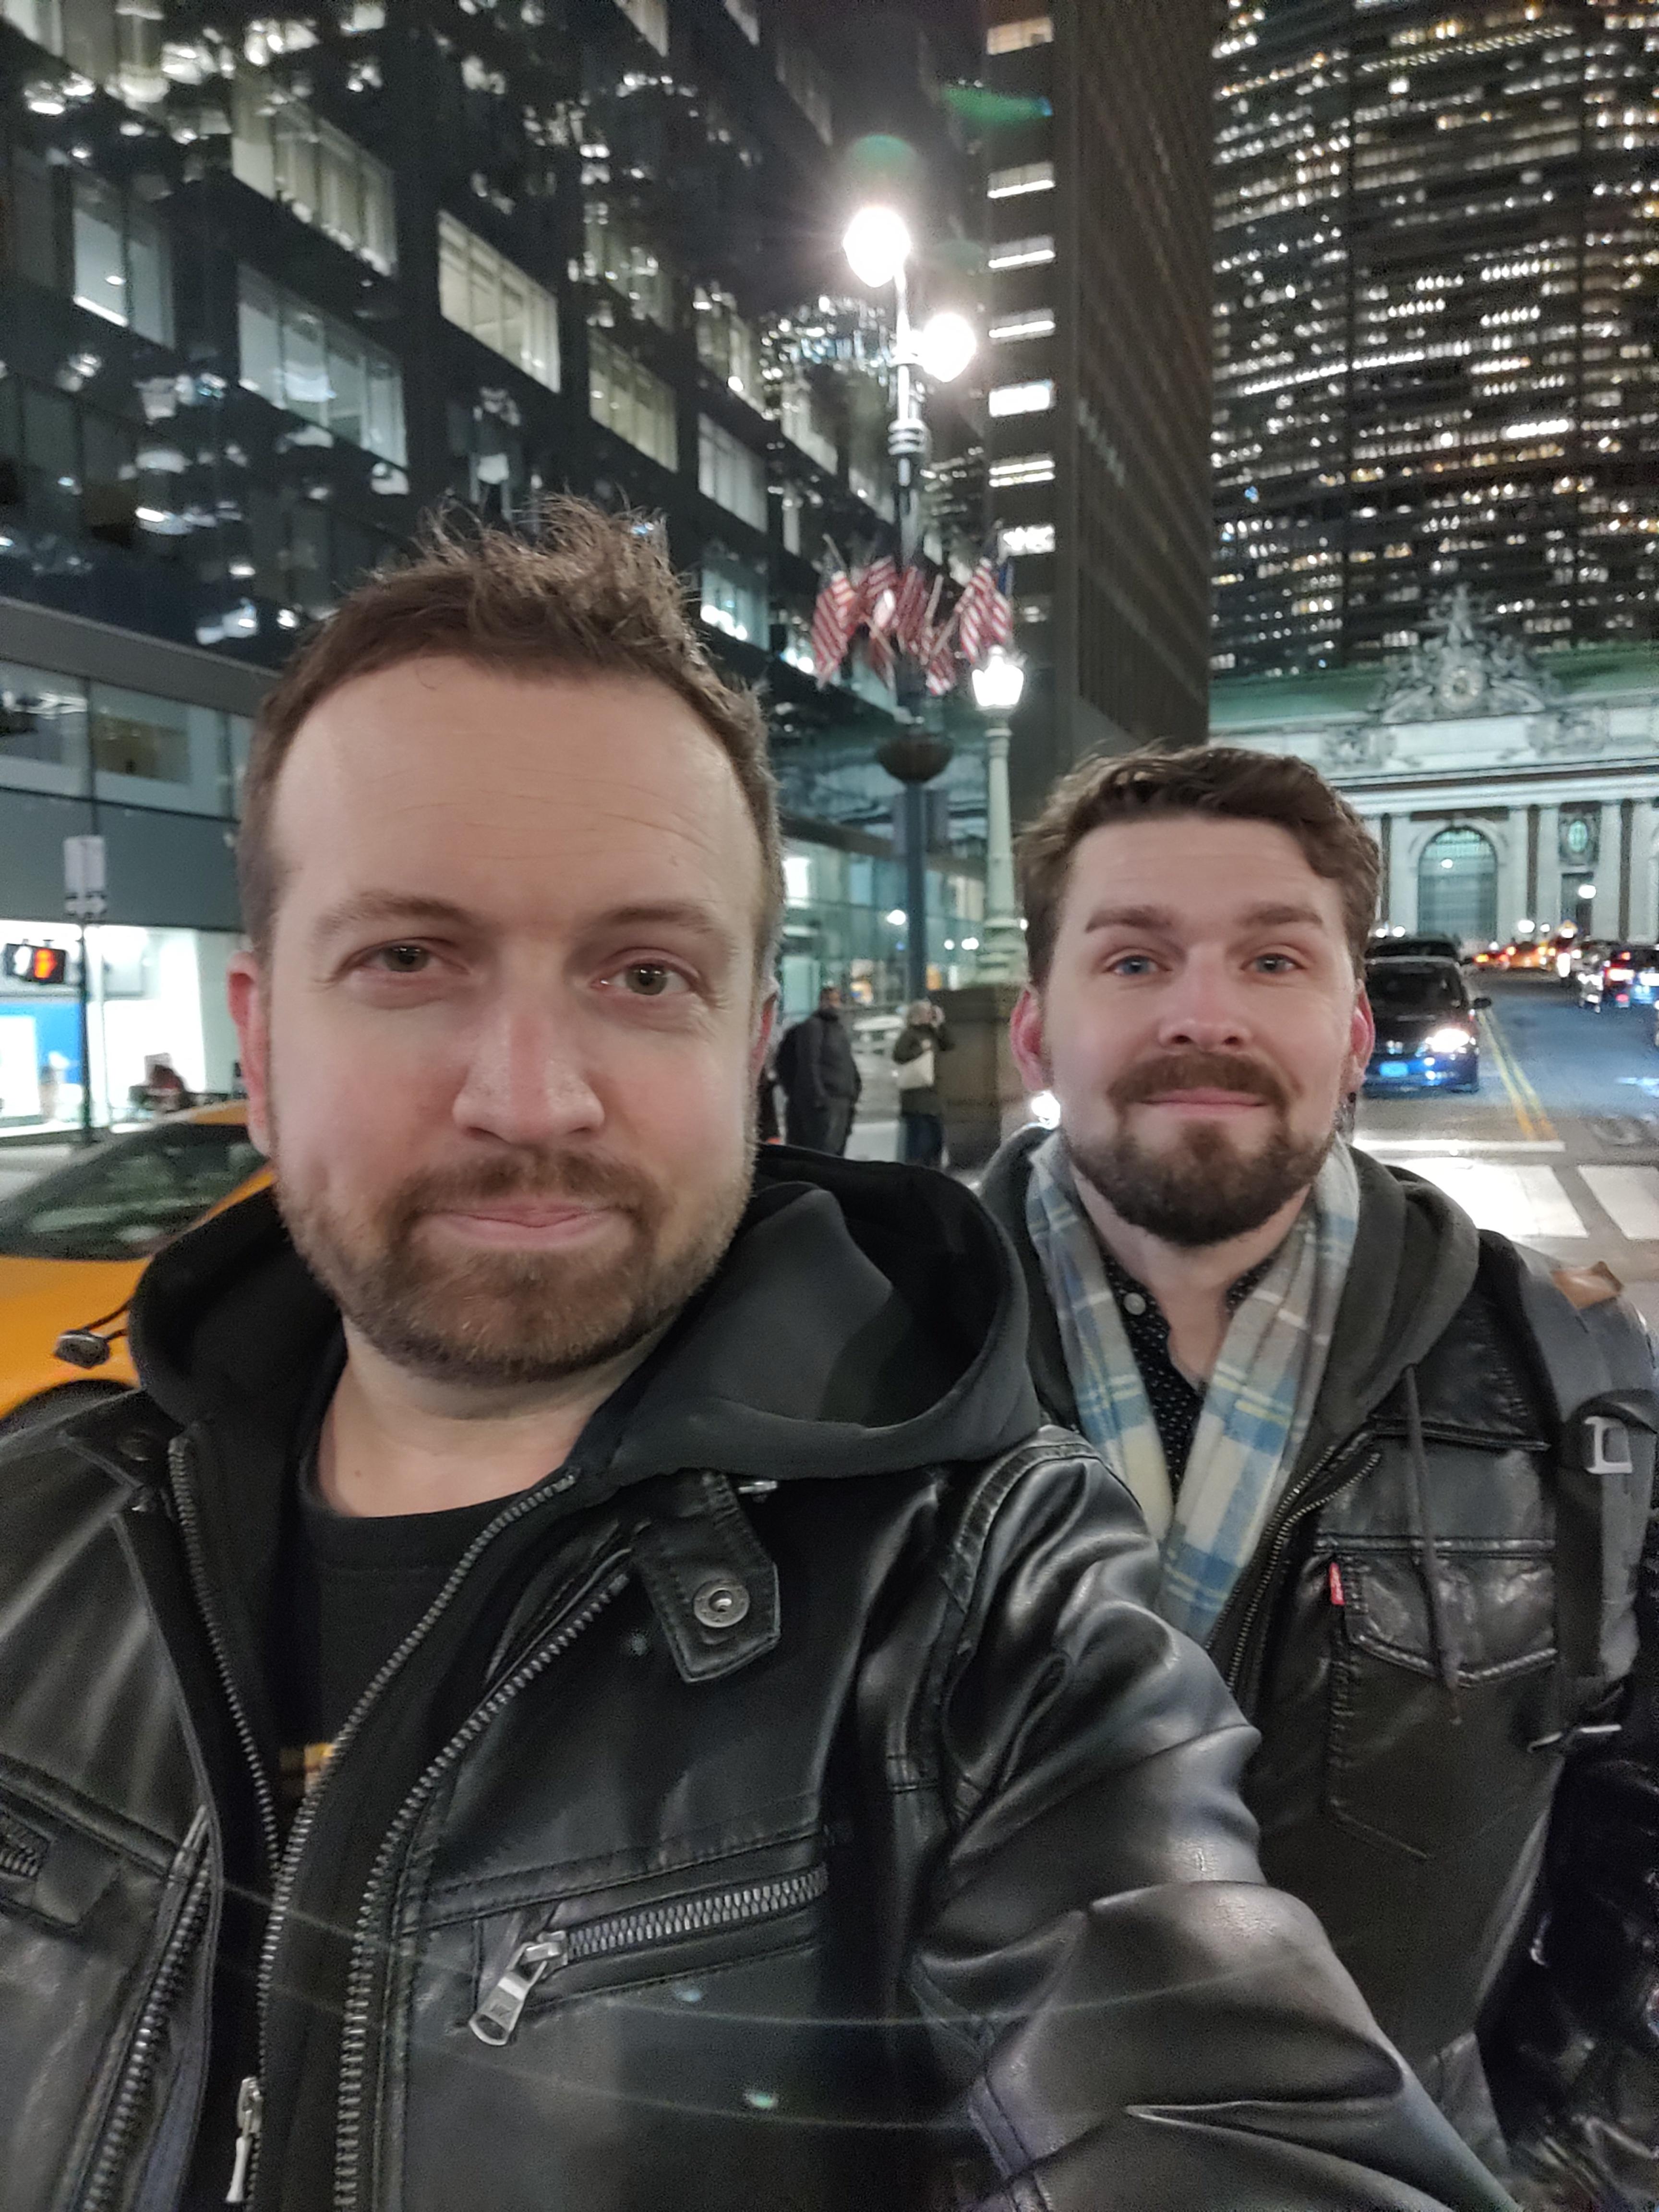 Selfie camera sample